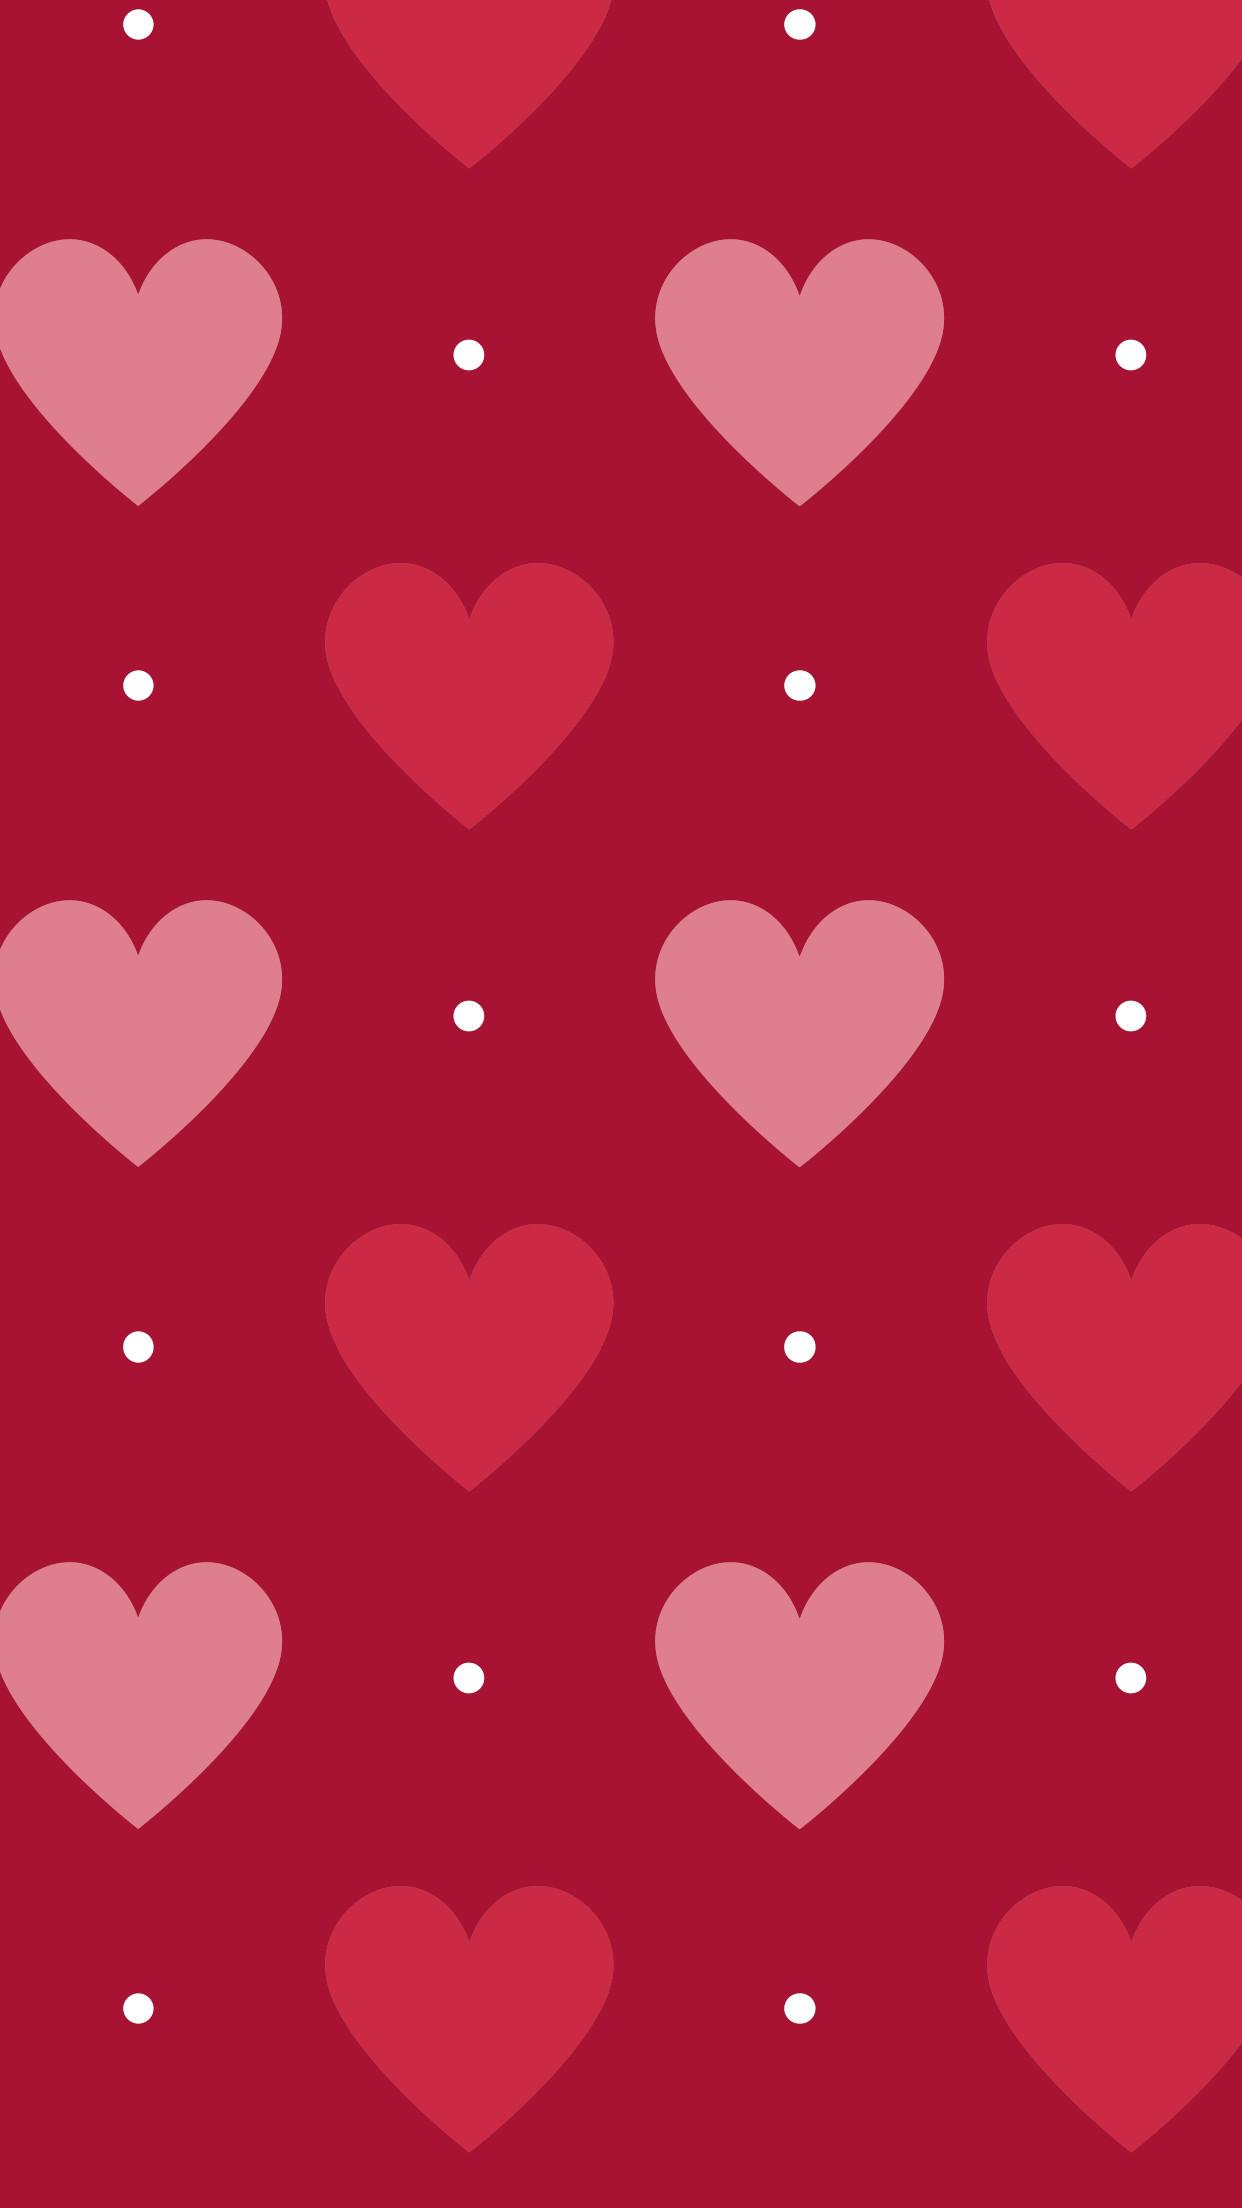 pink // red // hearts // polka dots